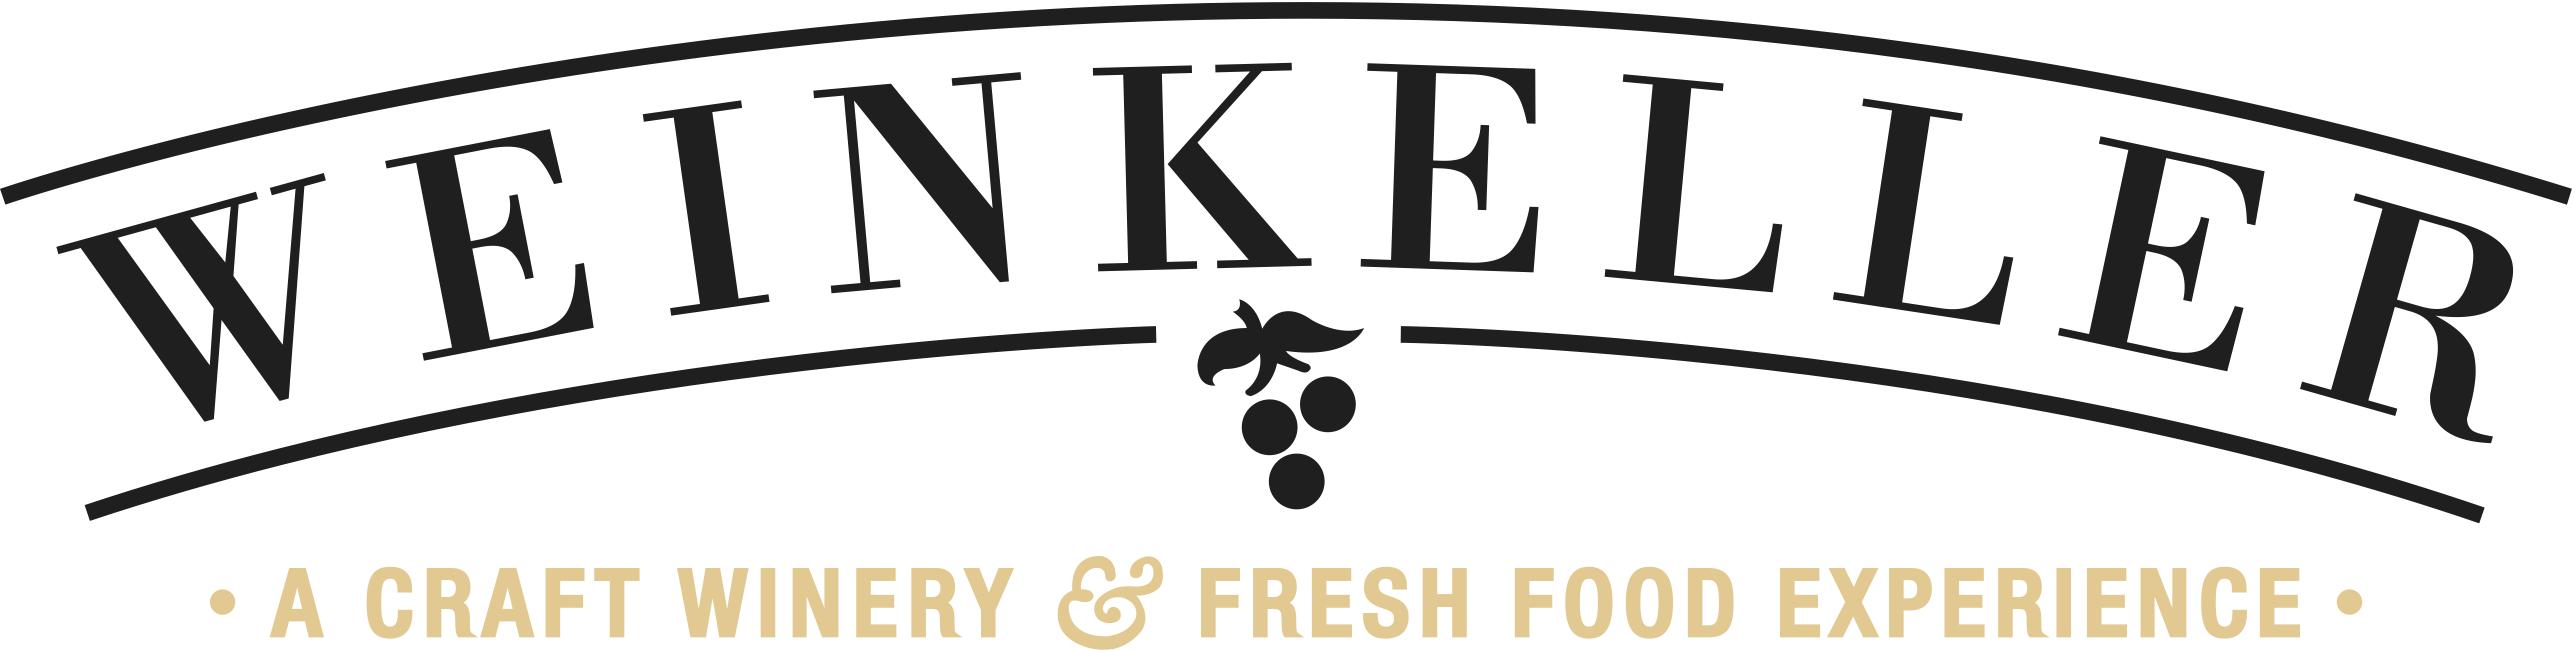 weinkeller logo